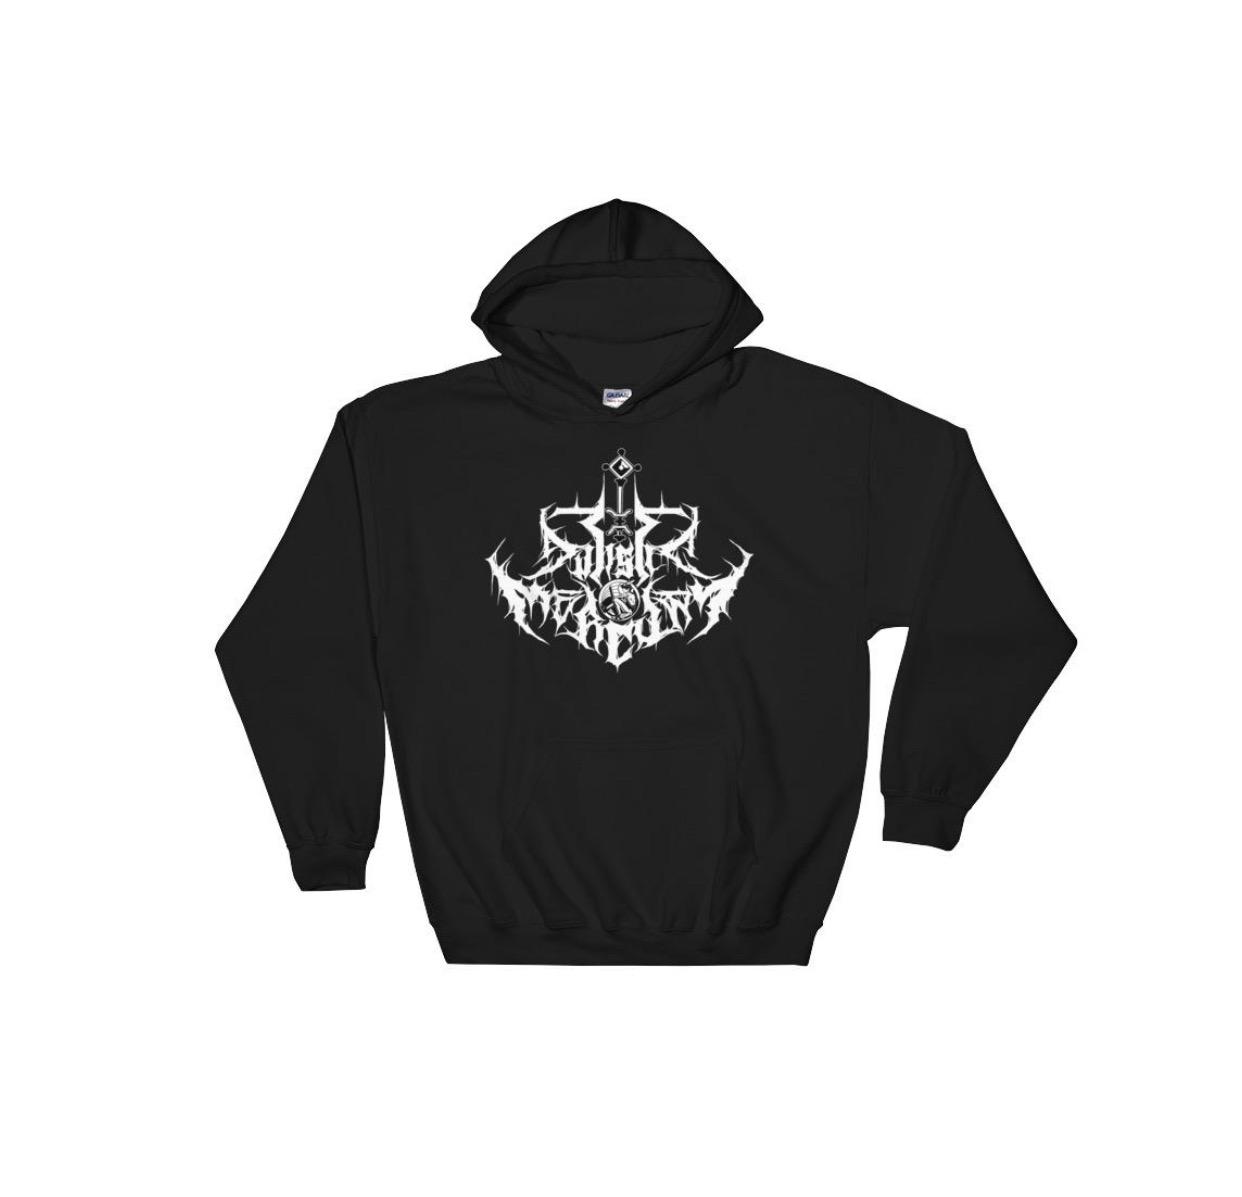 Metal hoodie - Here is a description of your product. Adipiscing elit. Donec odio. Quisque volutpat mattis eros. Nullam malesuada erat ut turpis.